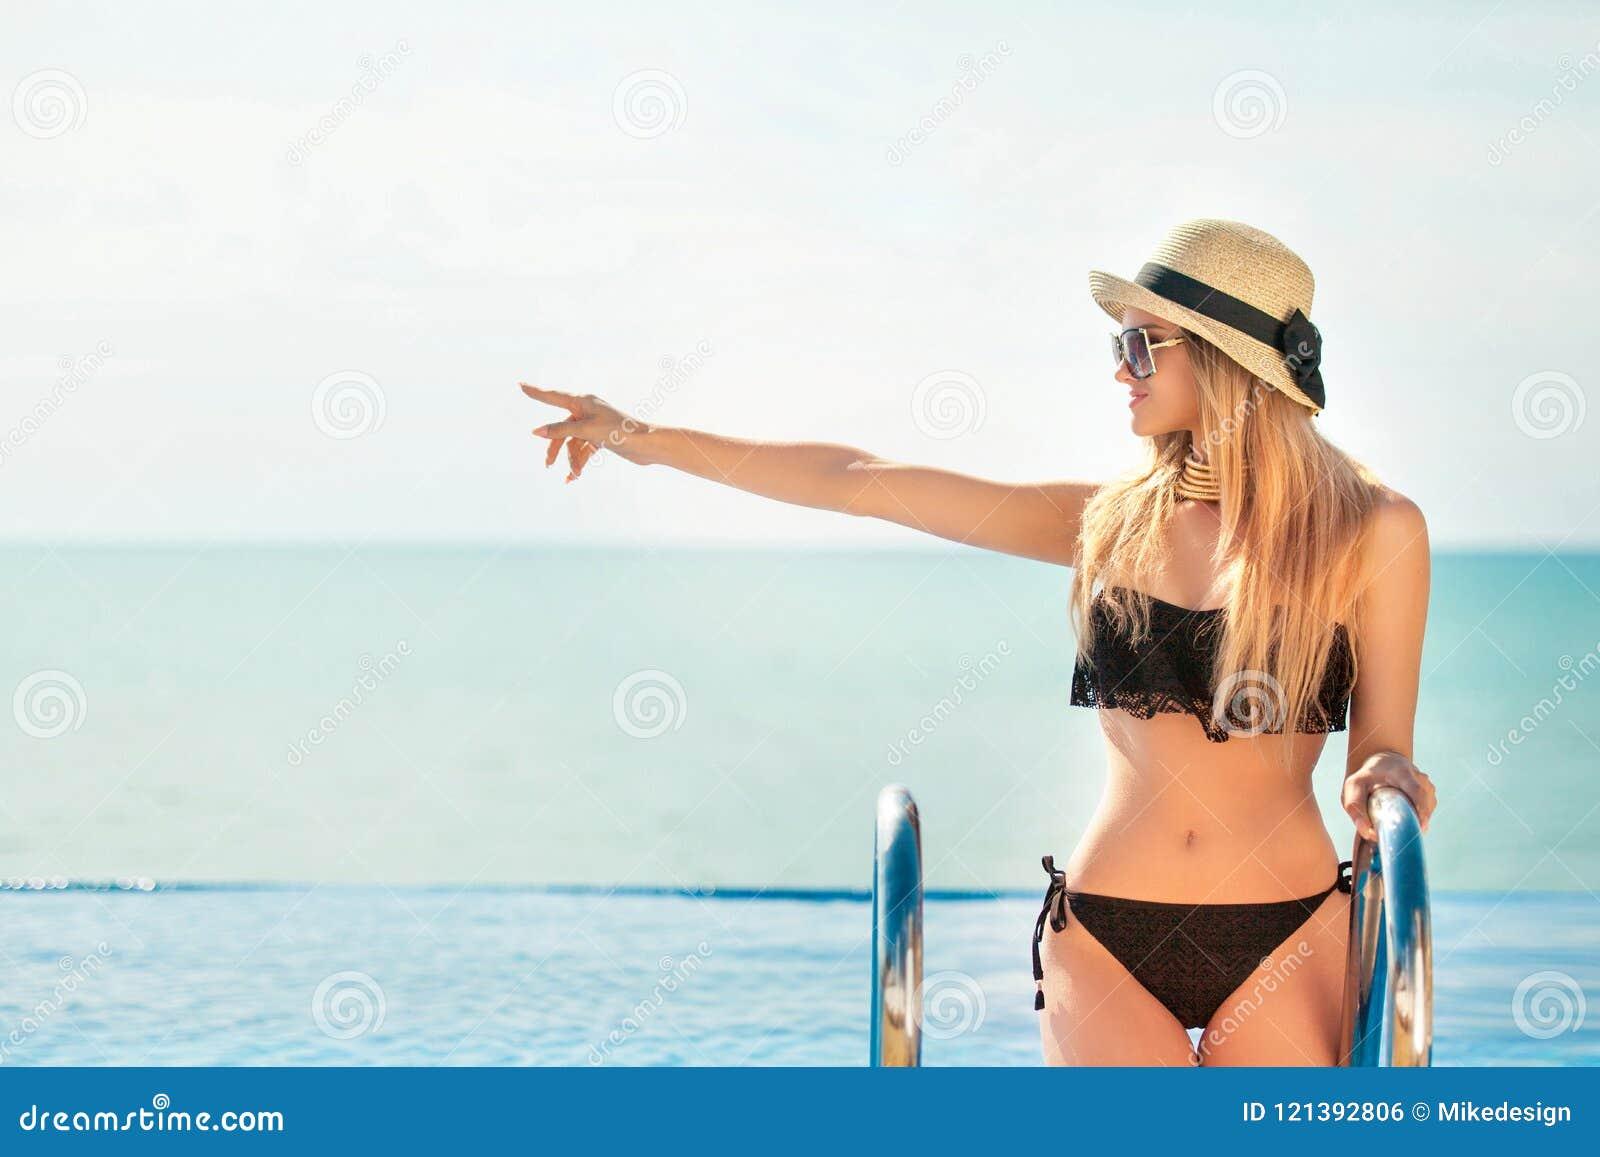 Η όμορφη κατάλληλη γυναίκα στο Μαύρο κολυμπά την τοποθέτηση κοστουμιών και καπέλων στην παραλία krasnodar διακοπές θερινών εδαφών